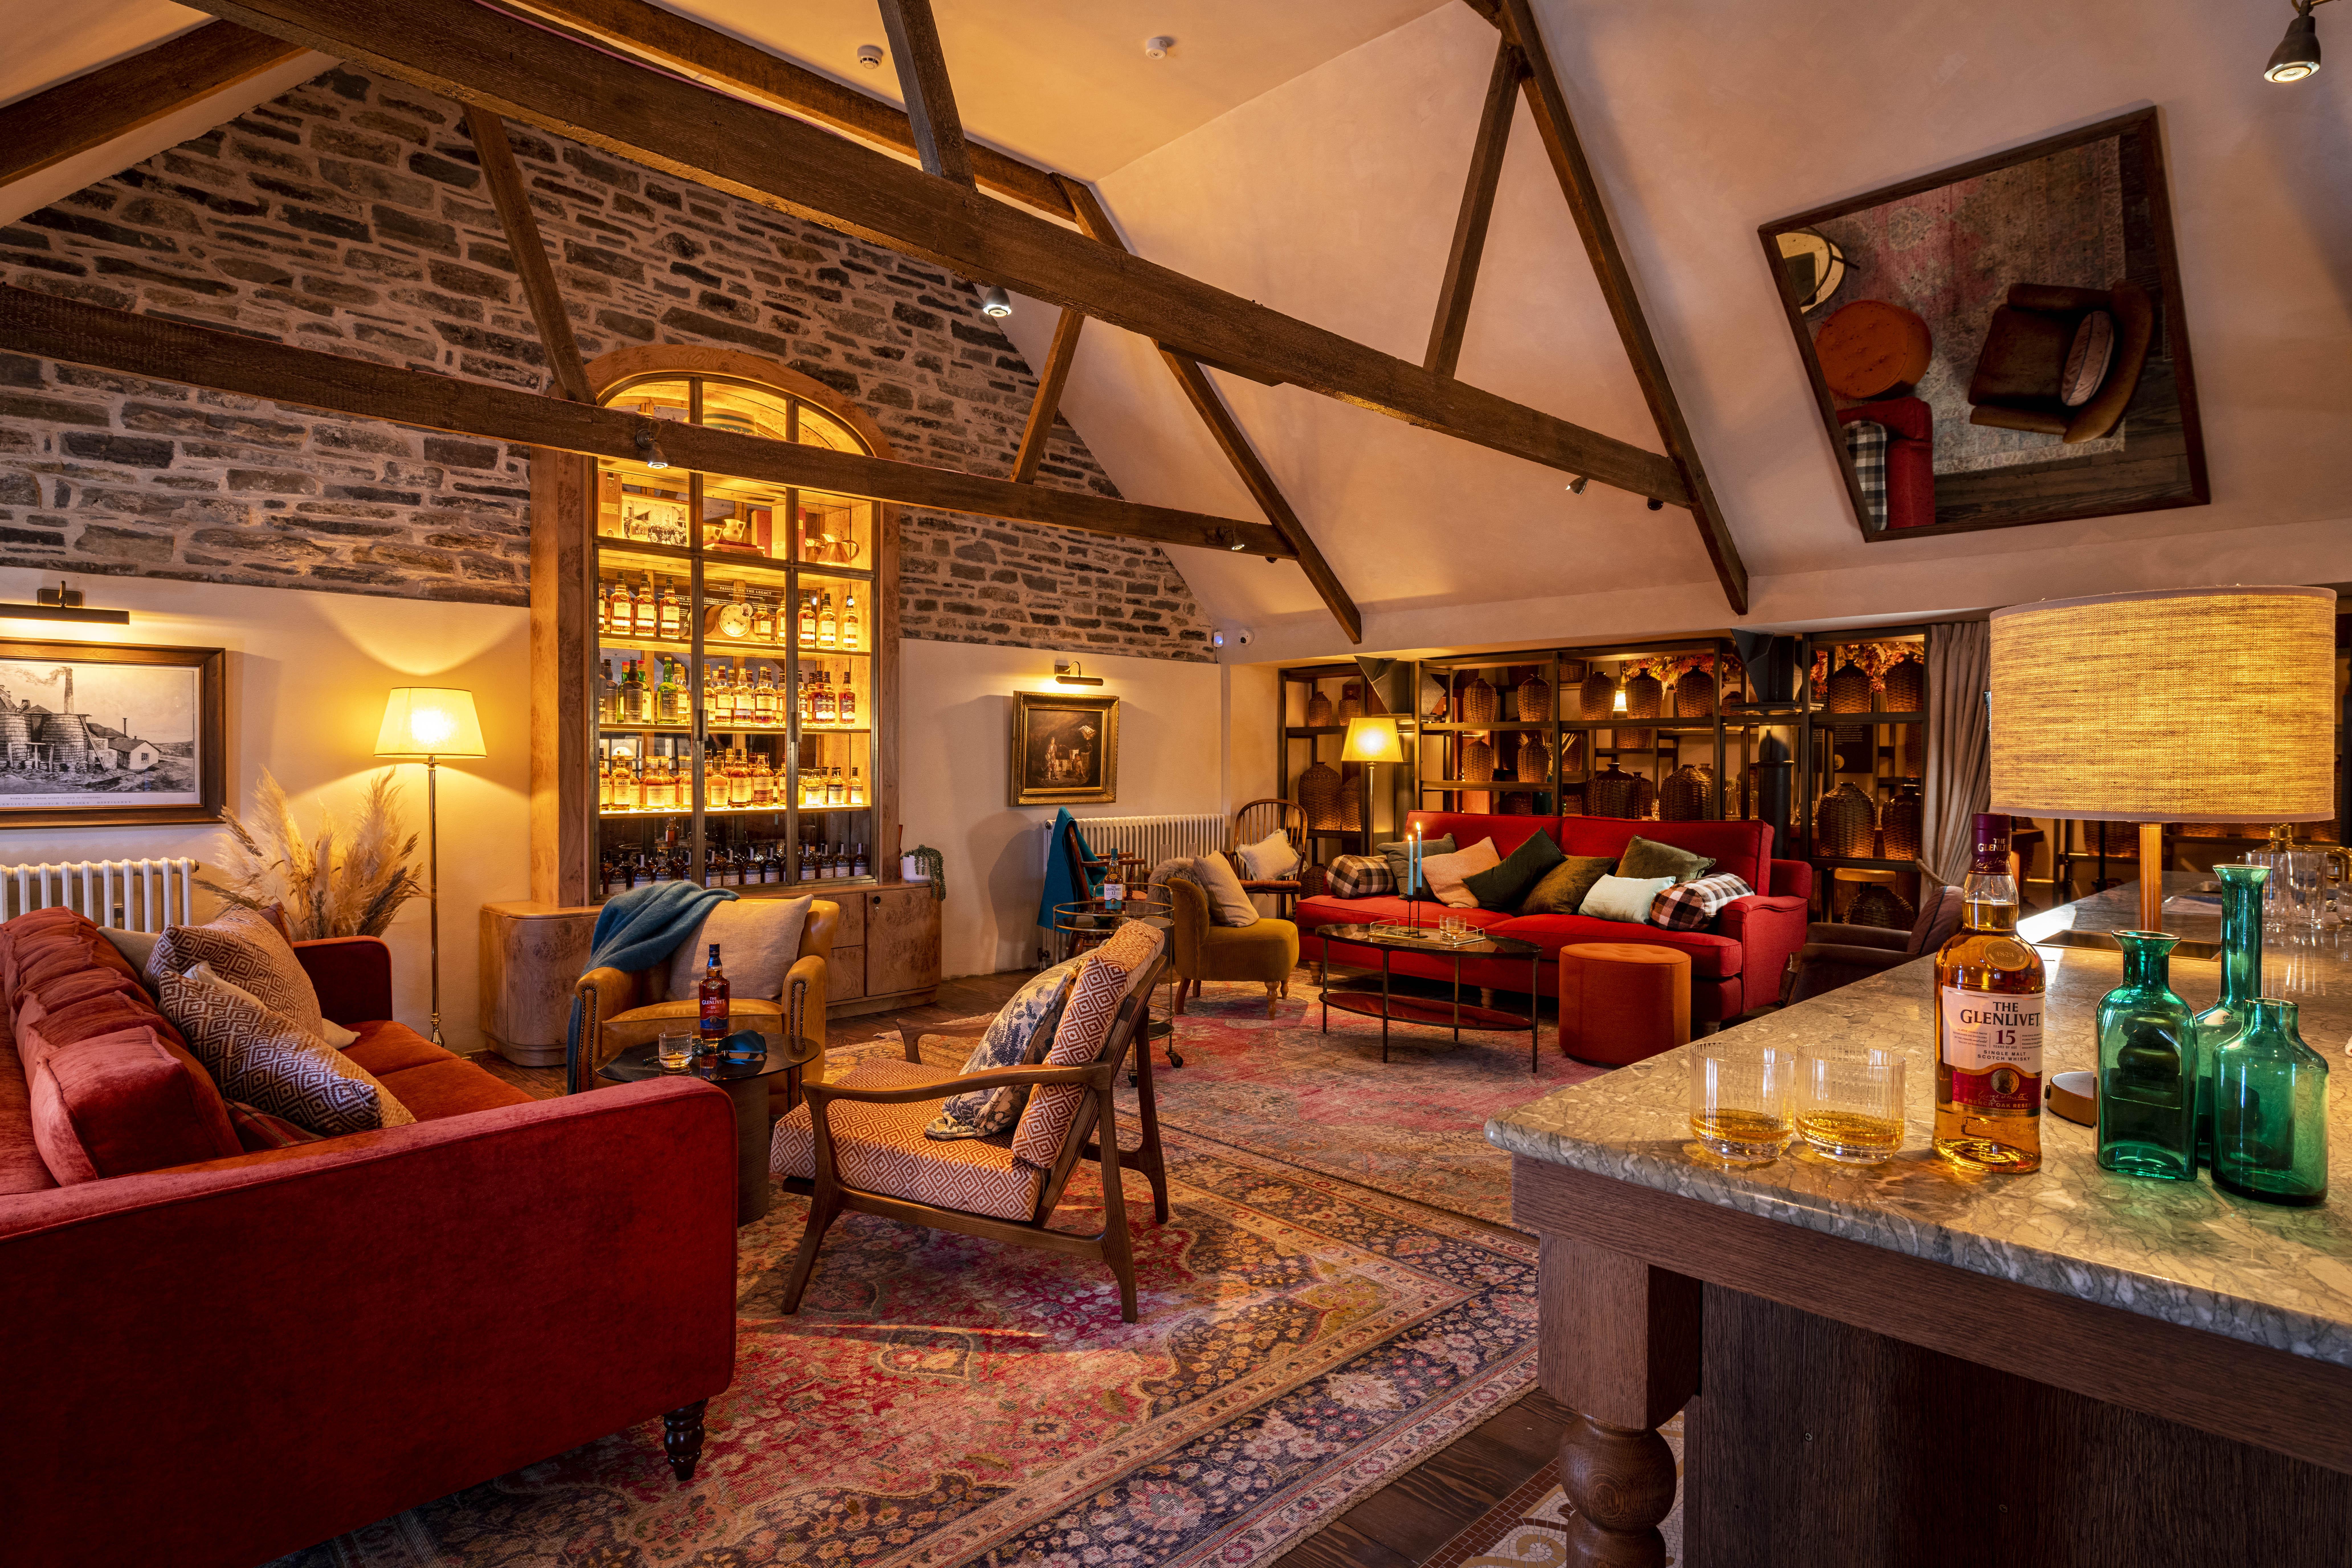 The Glenlivet Bar